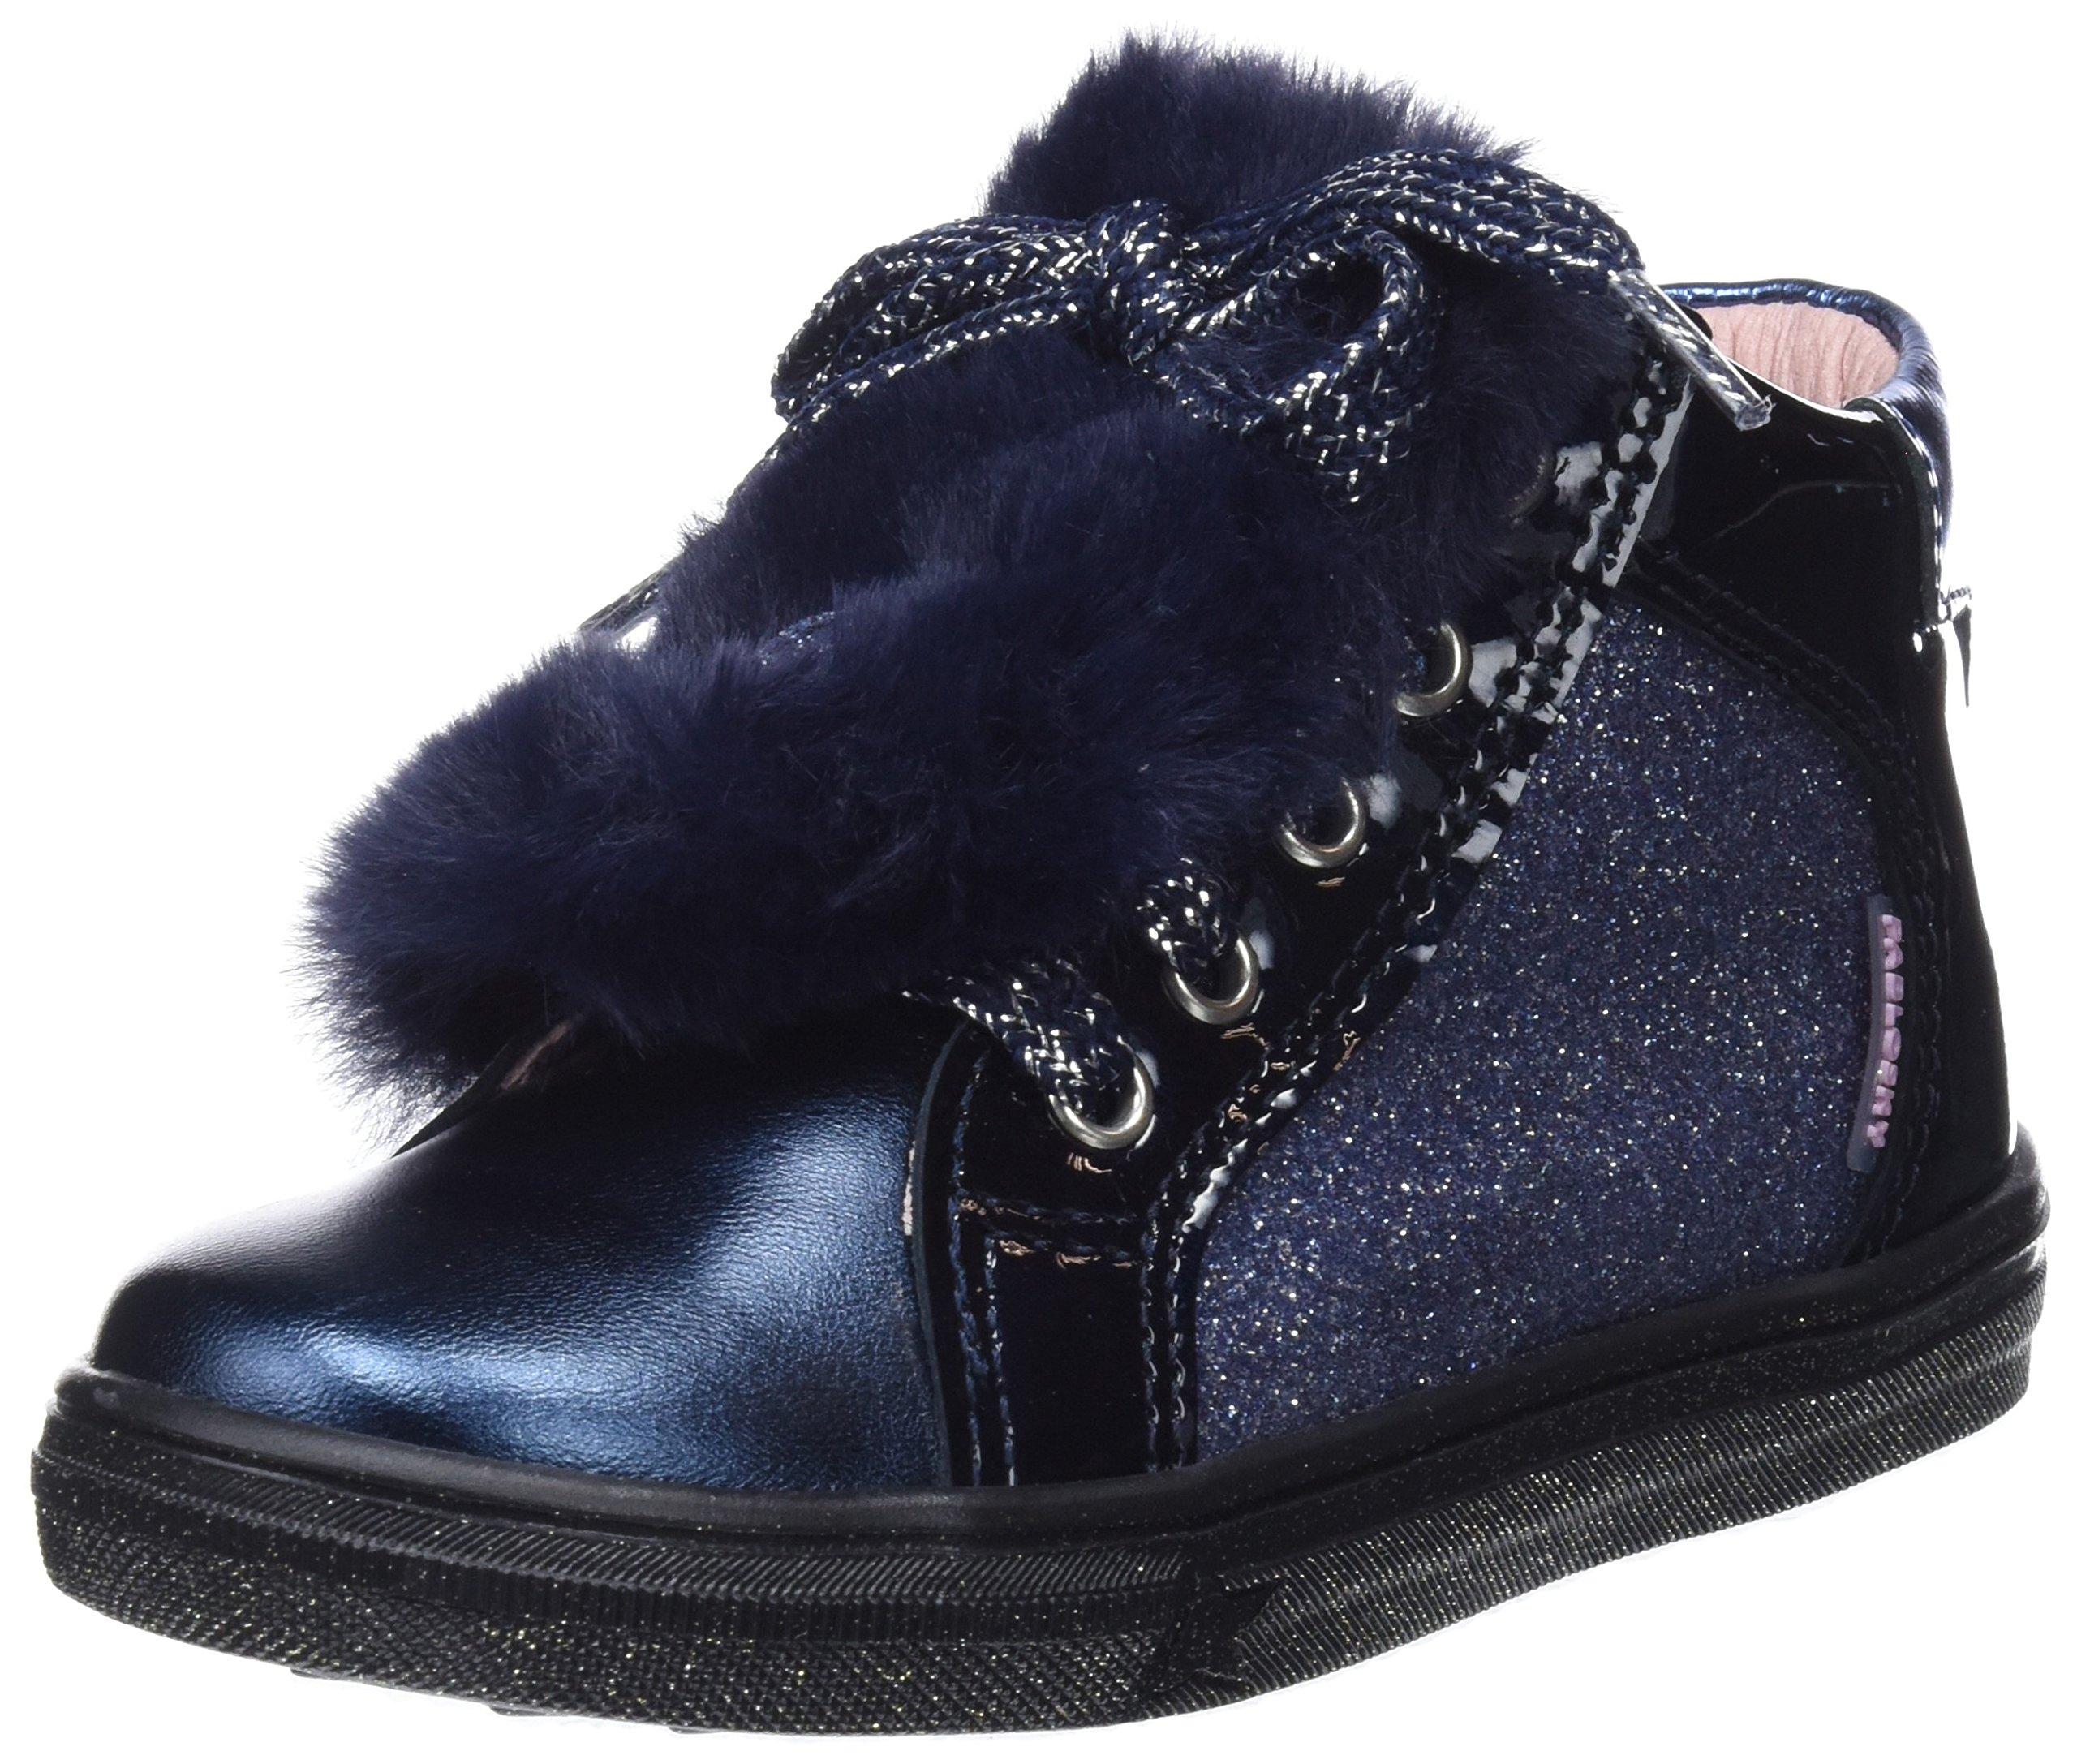 Pablosky 460129, Zapatillas para Niñas product image